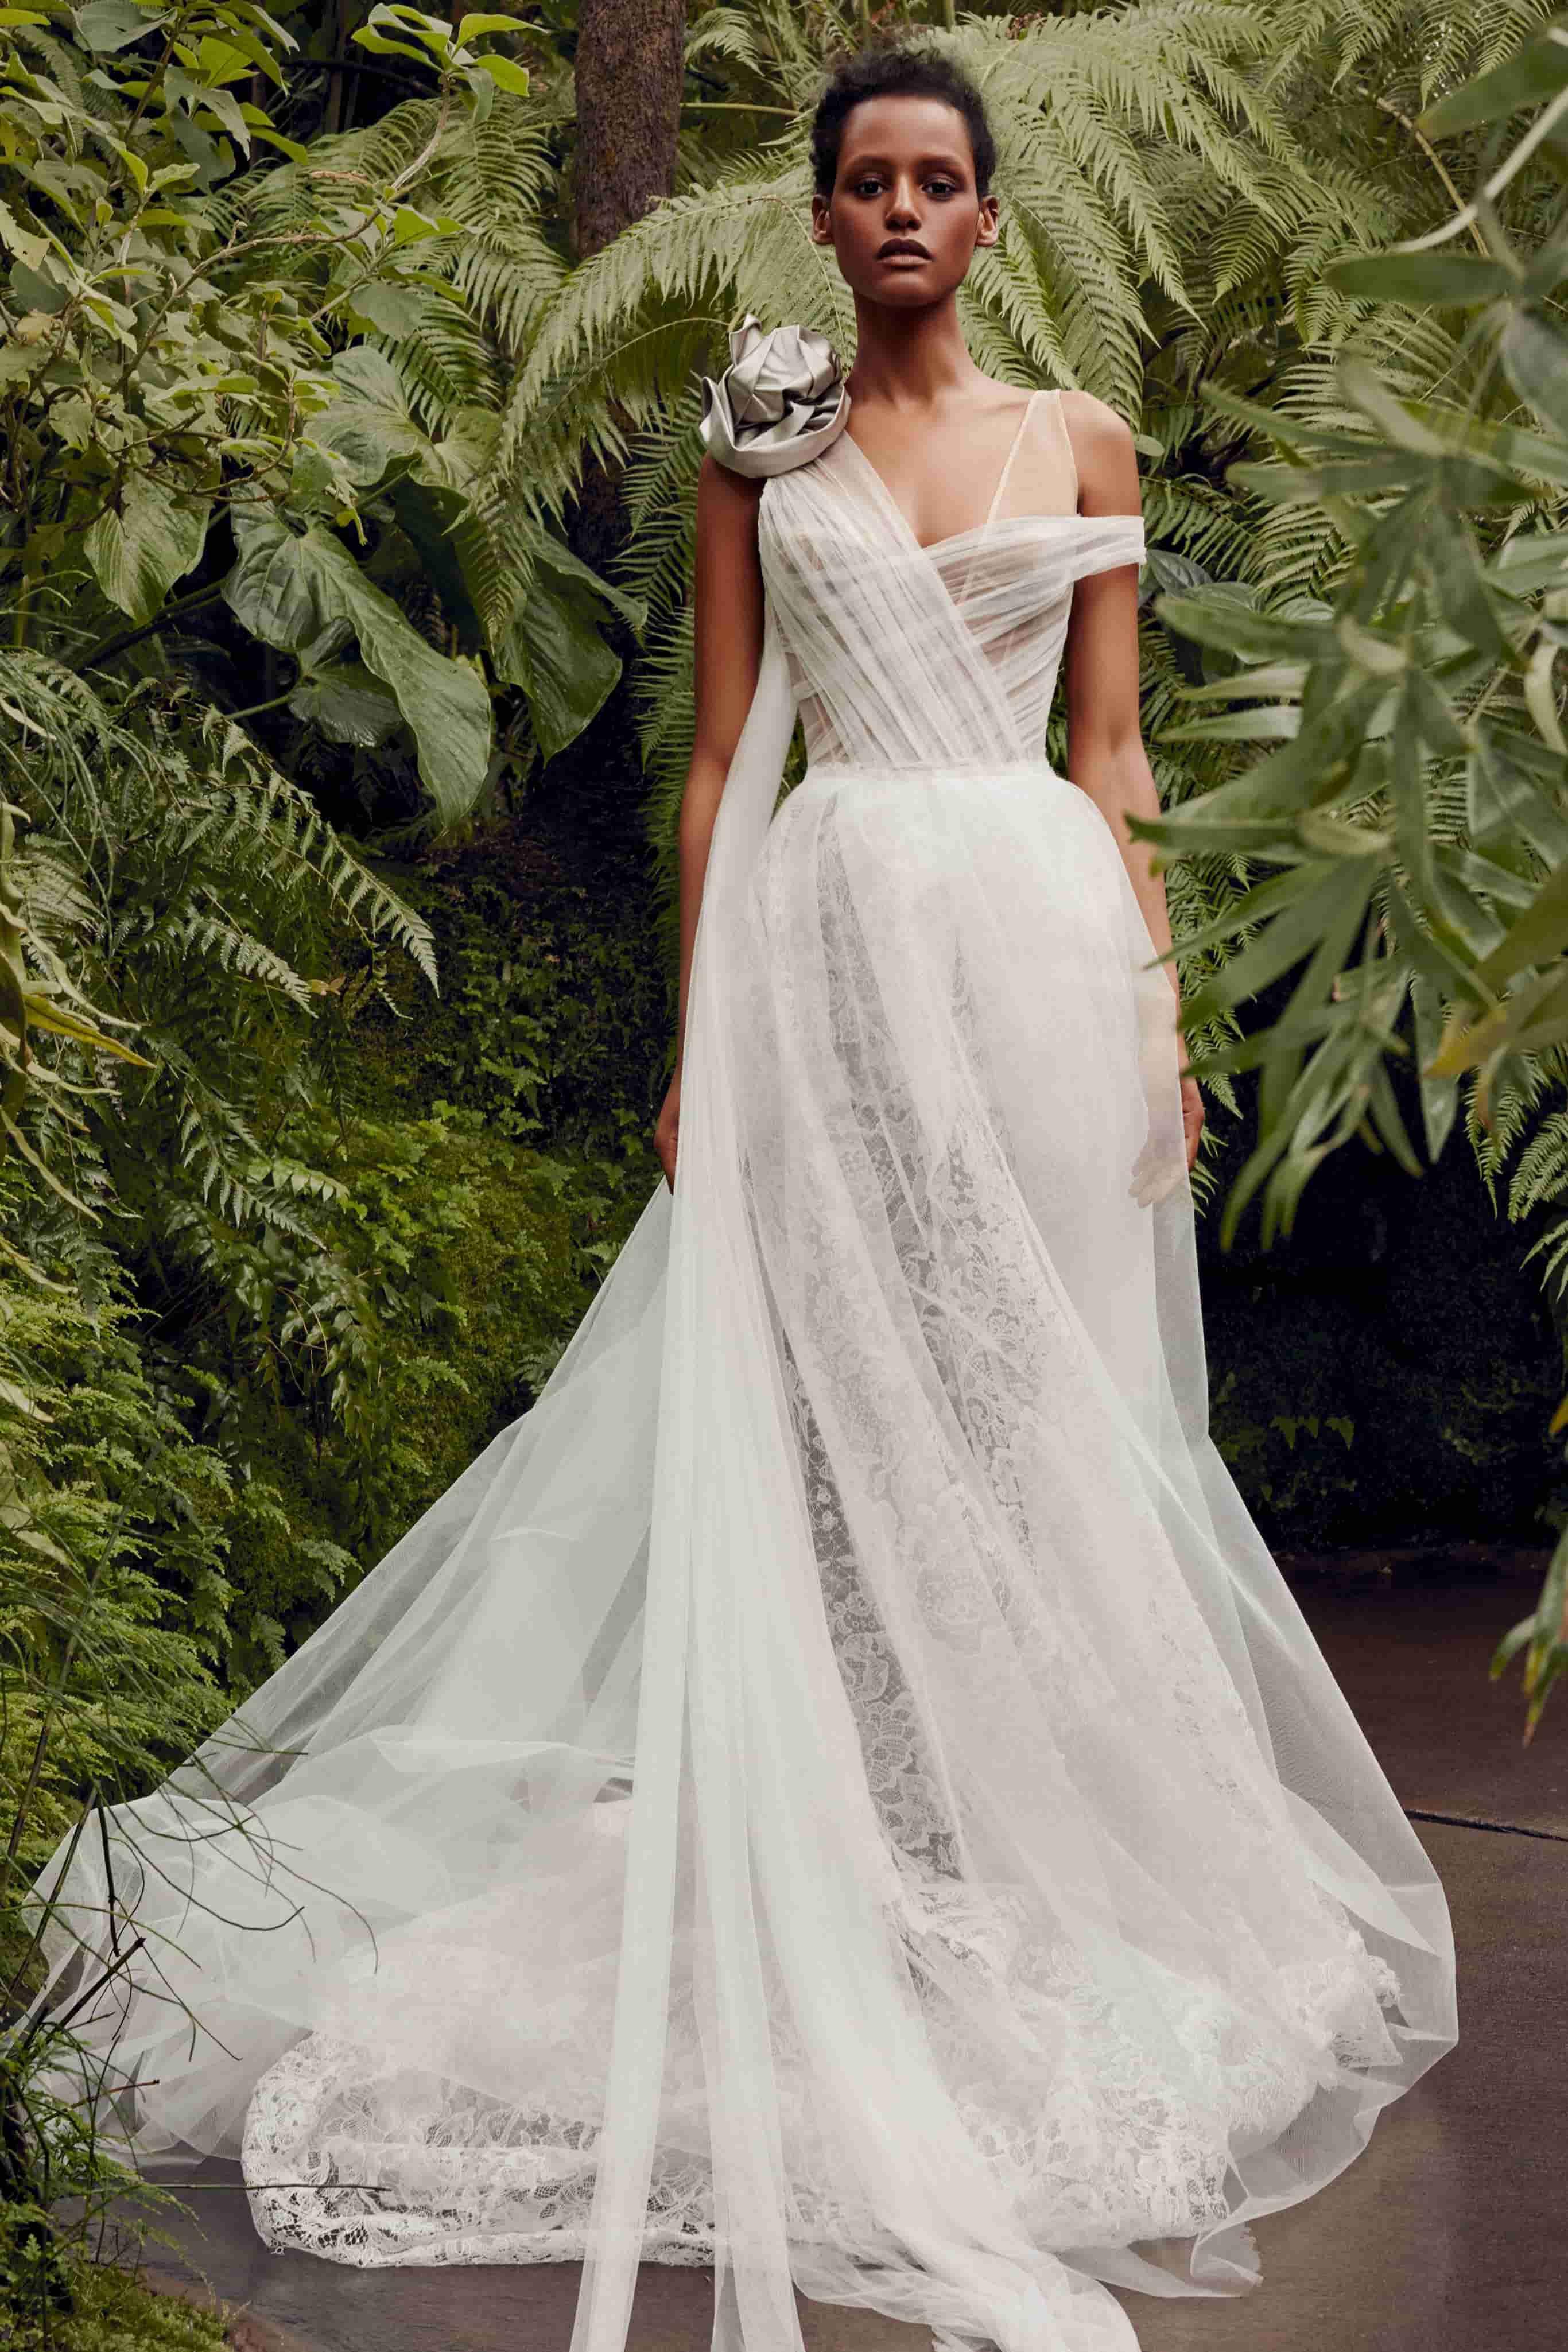 Невестам на заметку: самые актуальные свадебные наряды будущего сезона-Фото 5